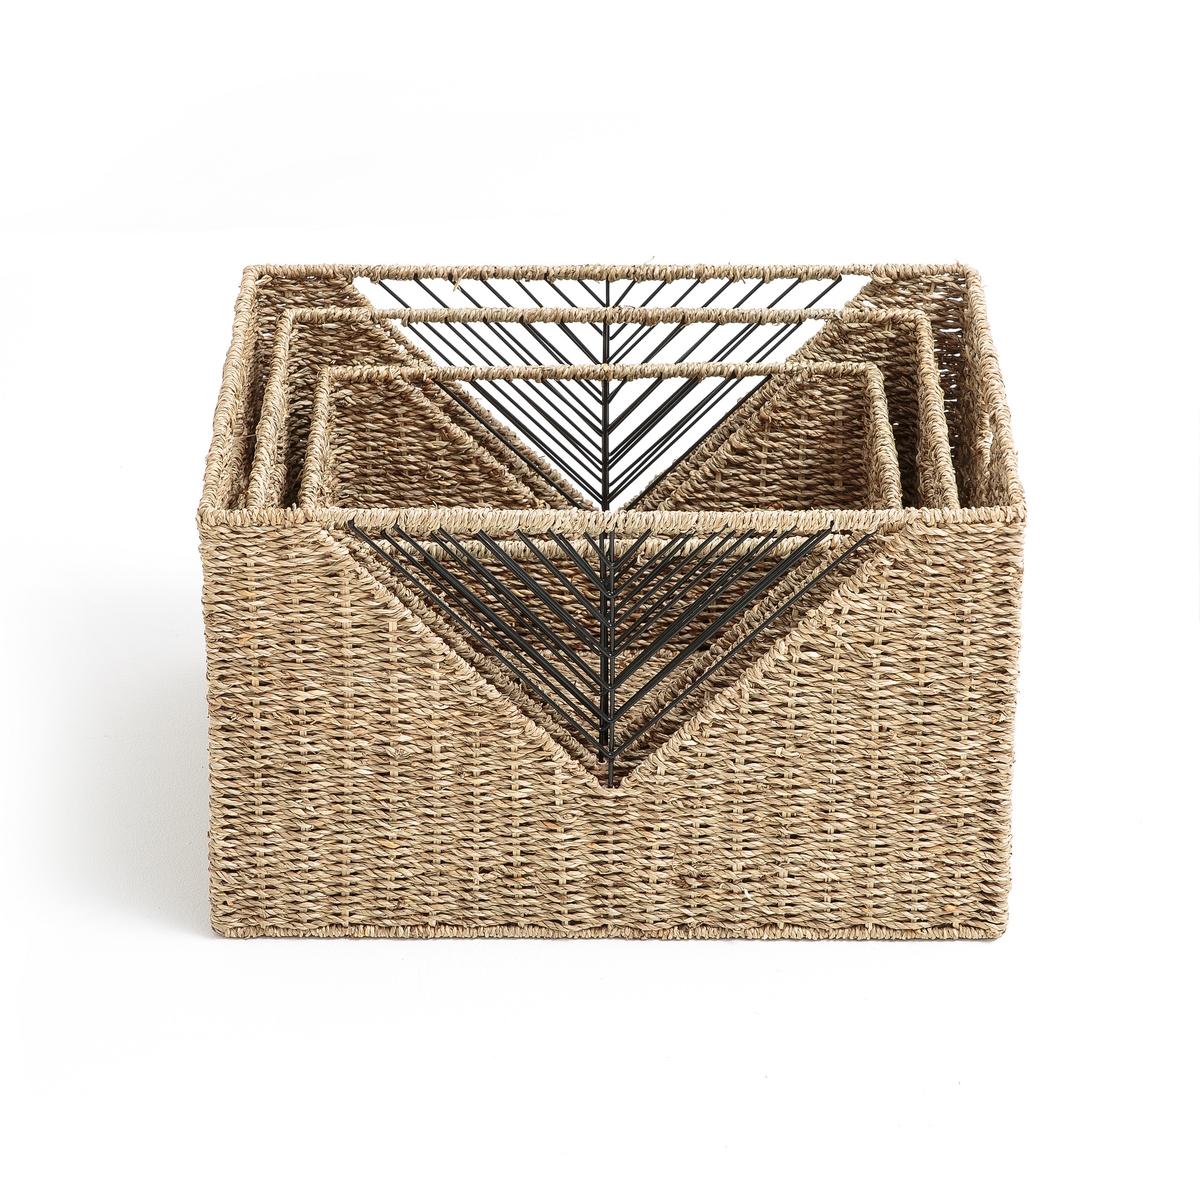 3 корзины для хранения плетеные плетеные заборы для дачи купить